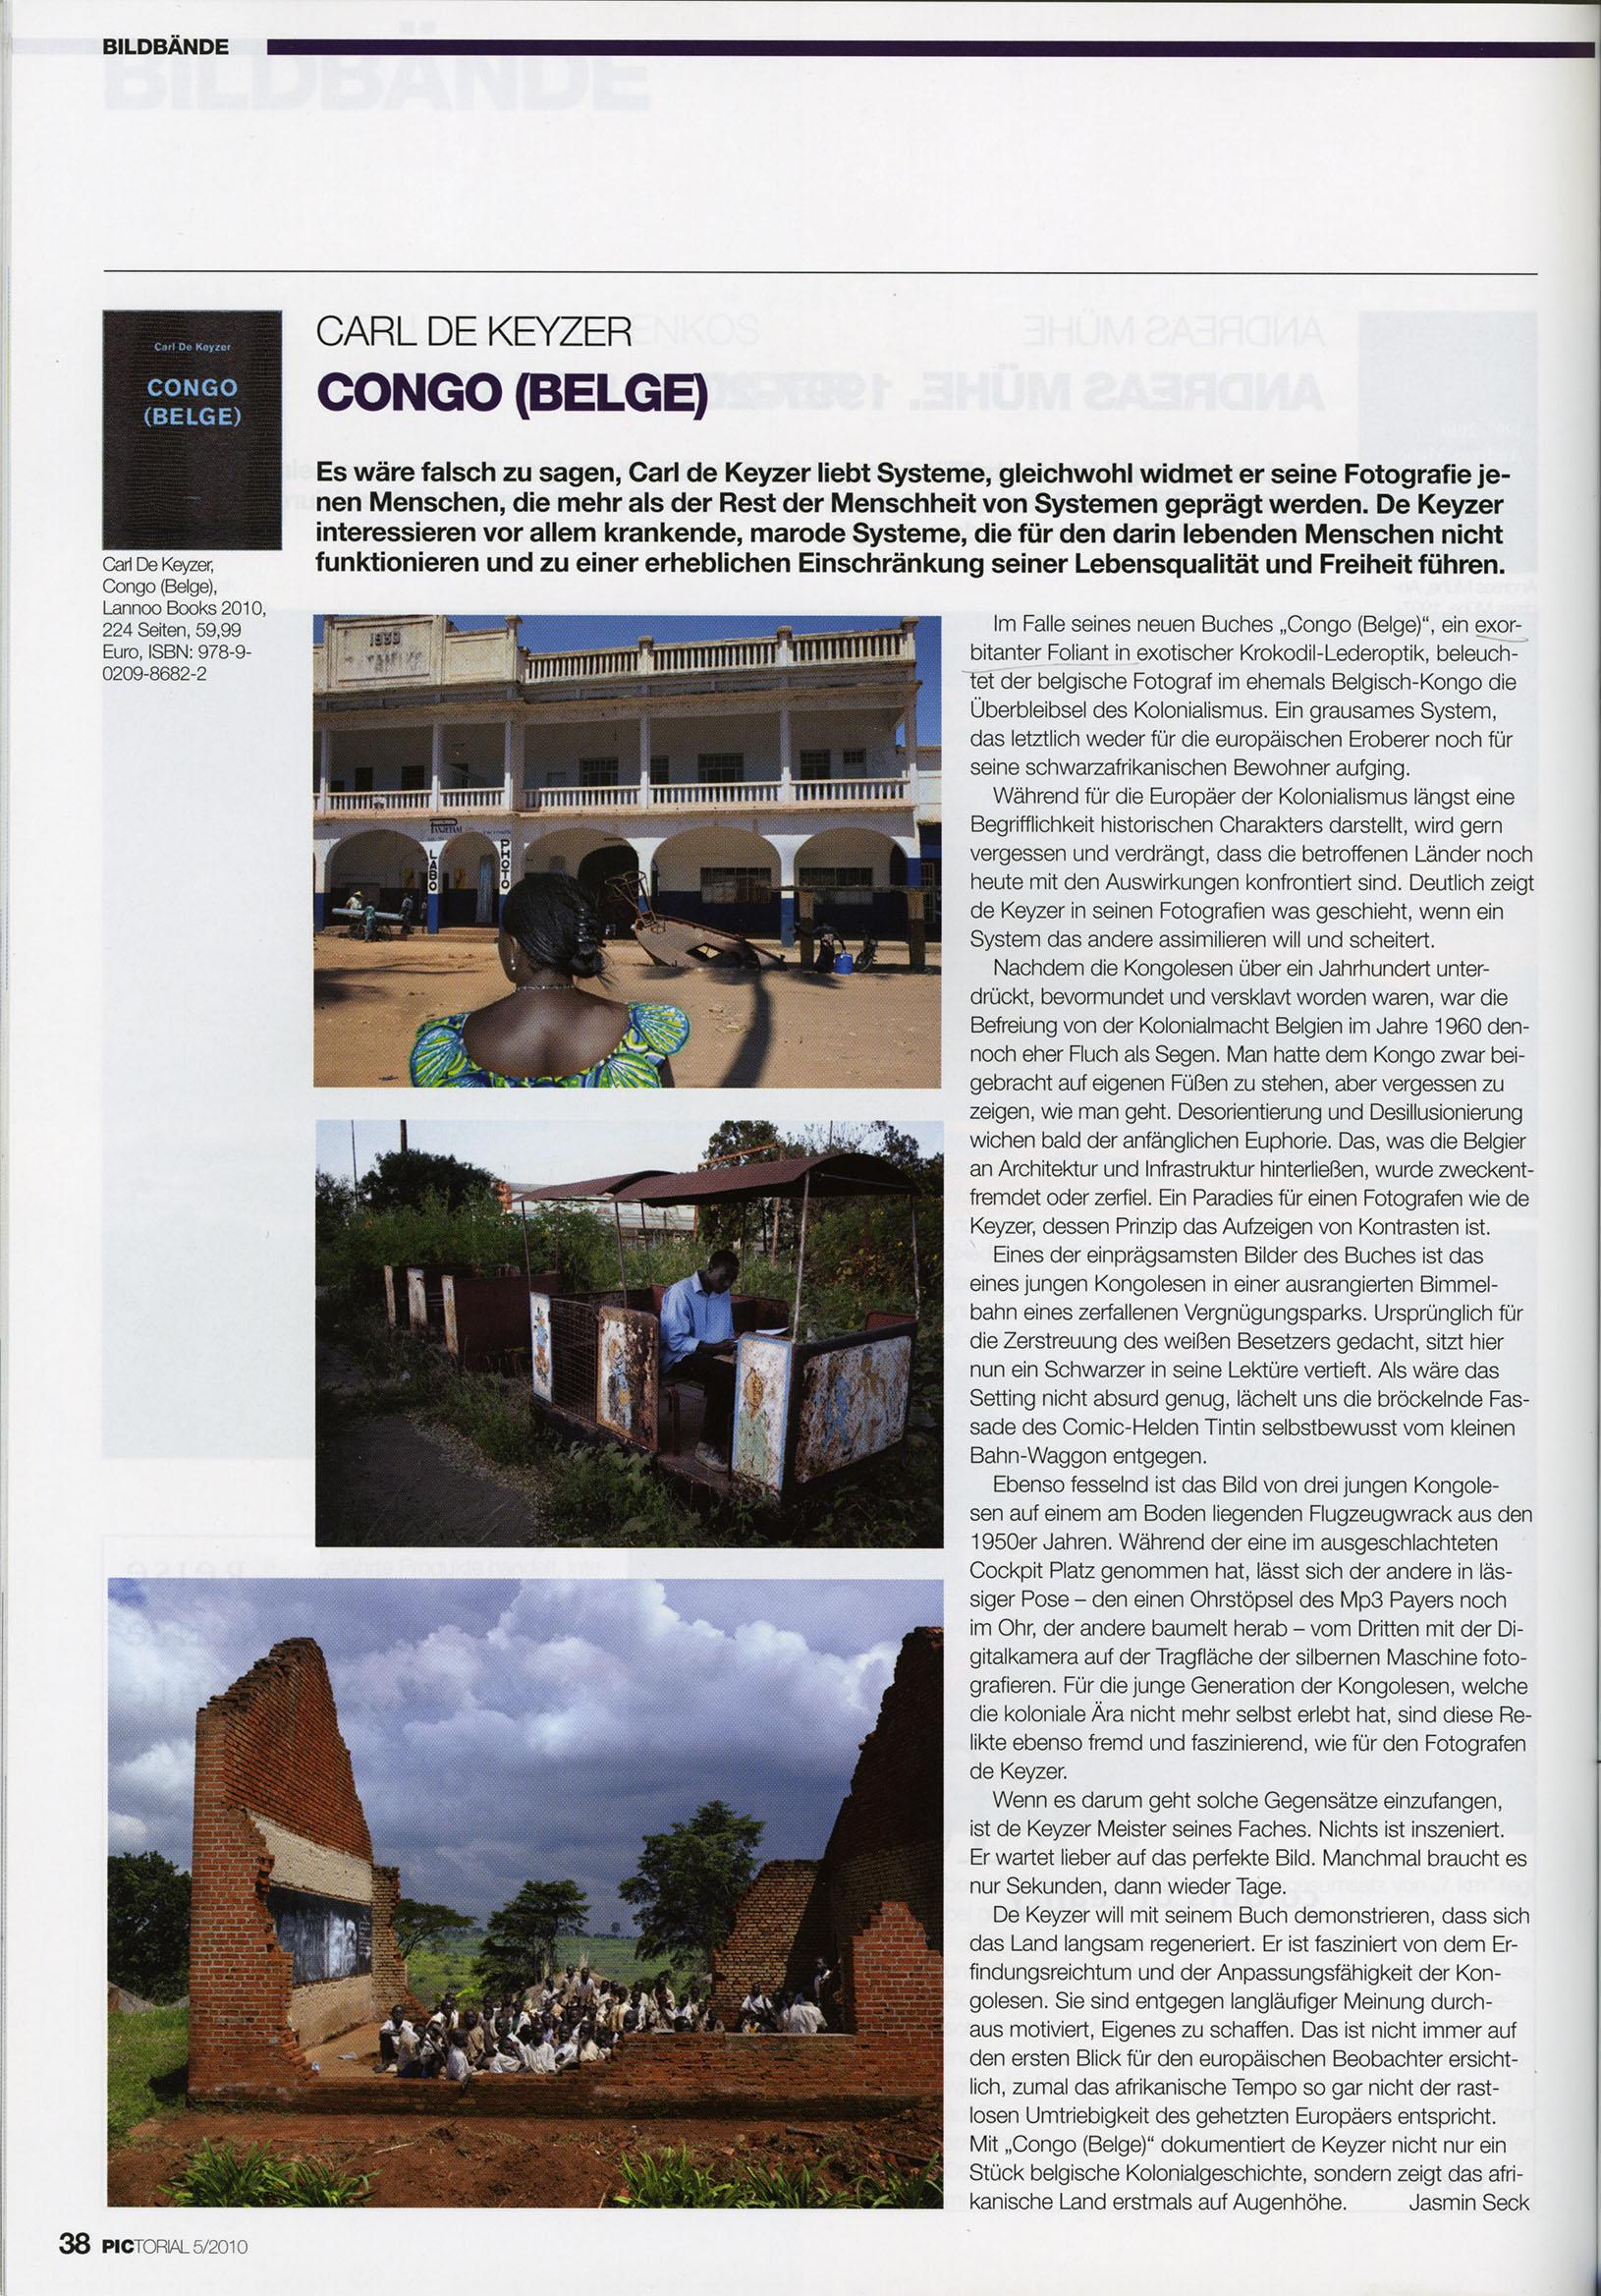 Congo (Pictorial)